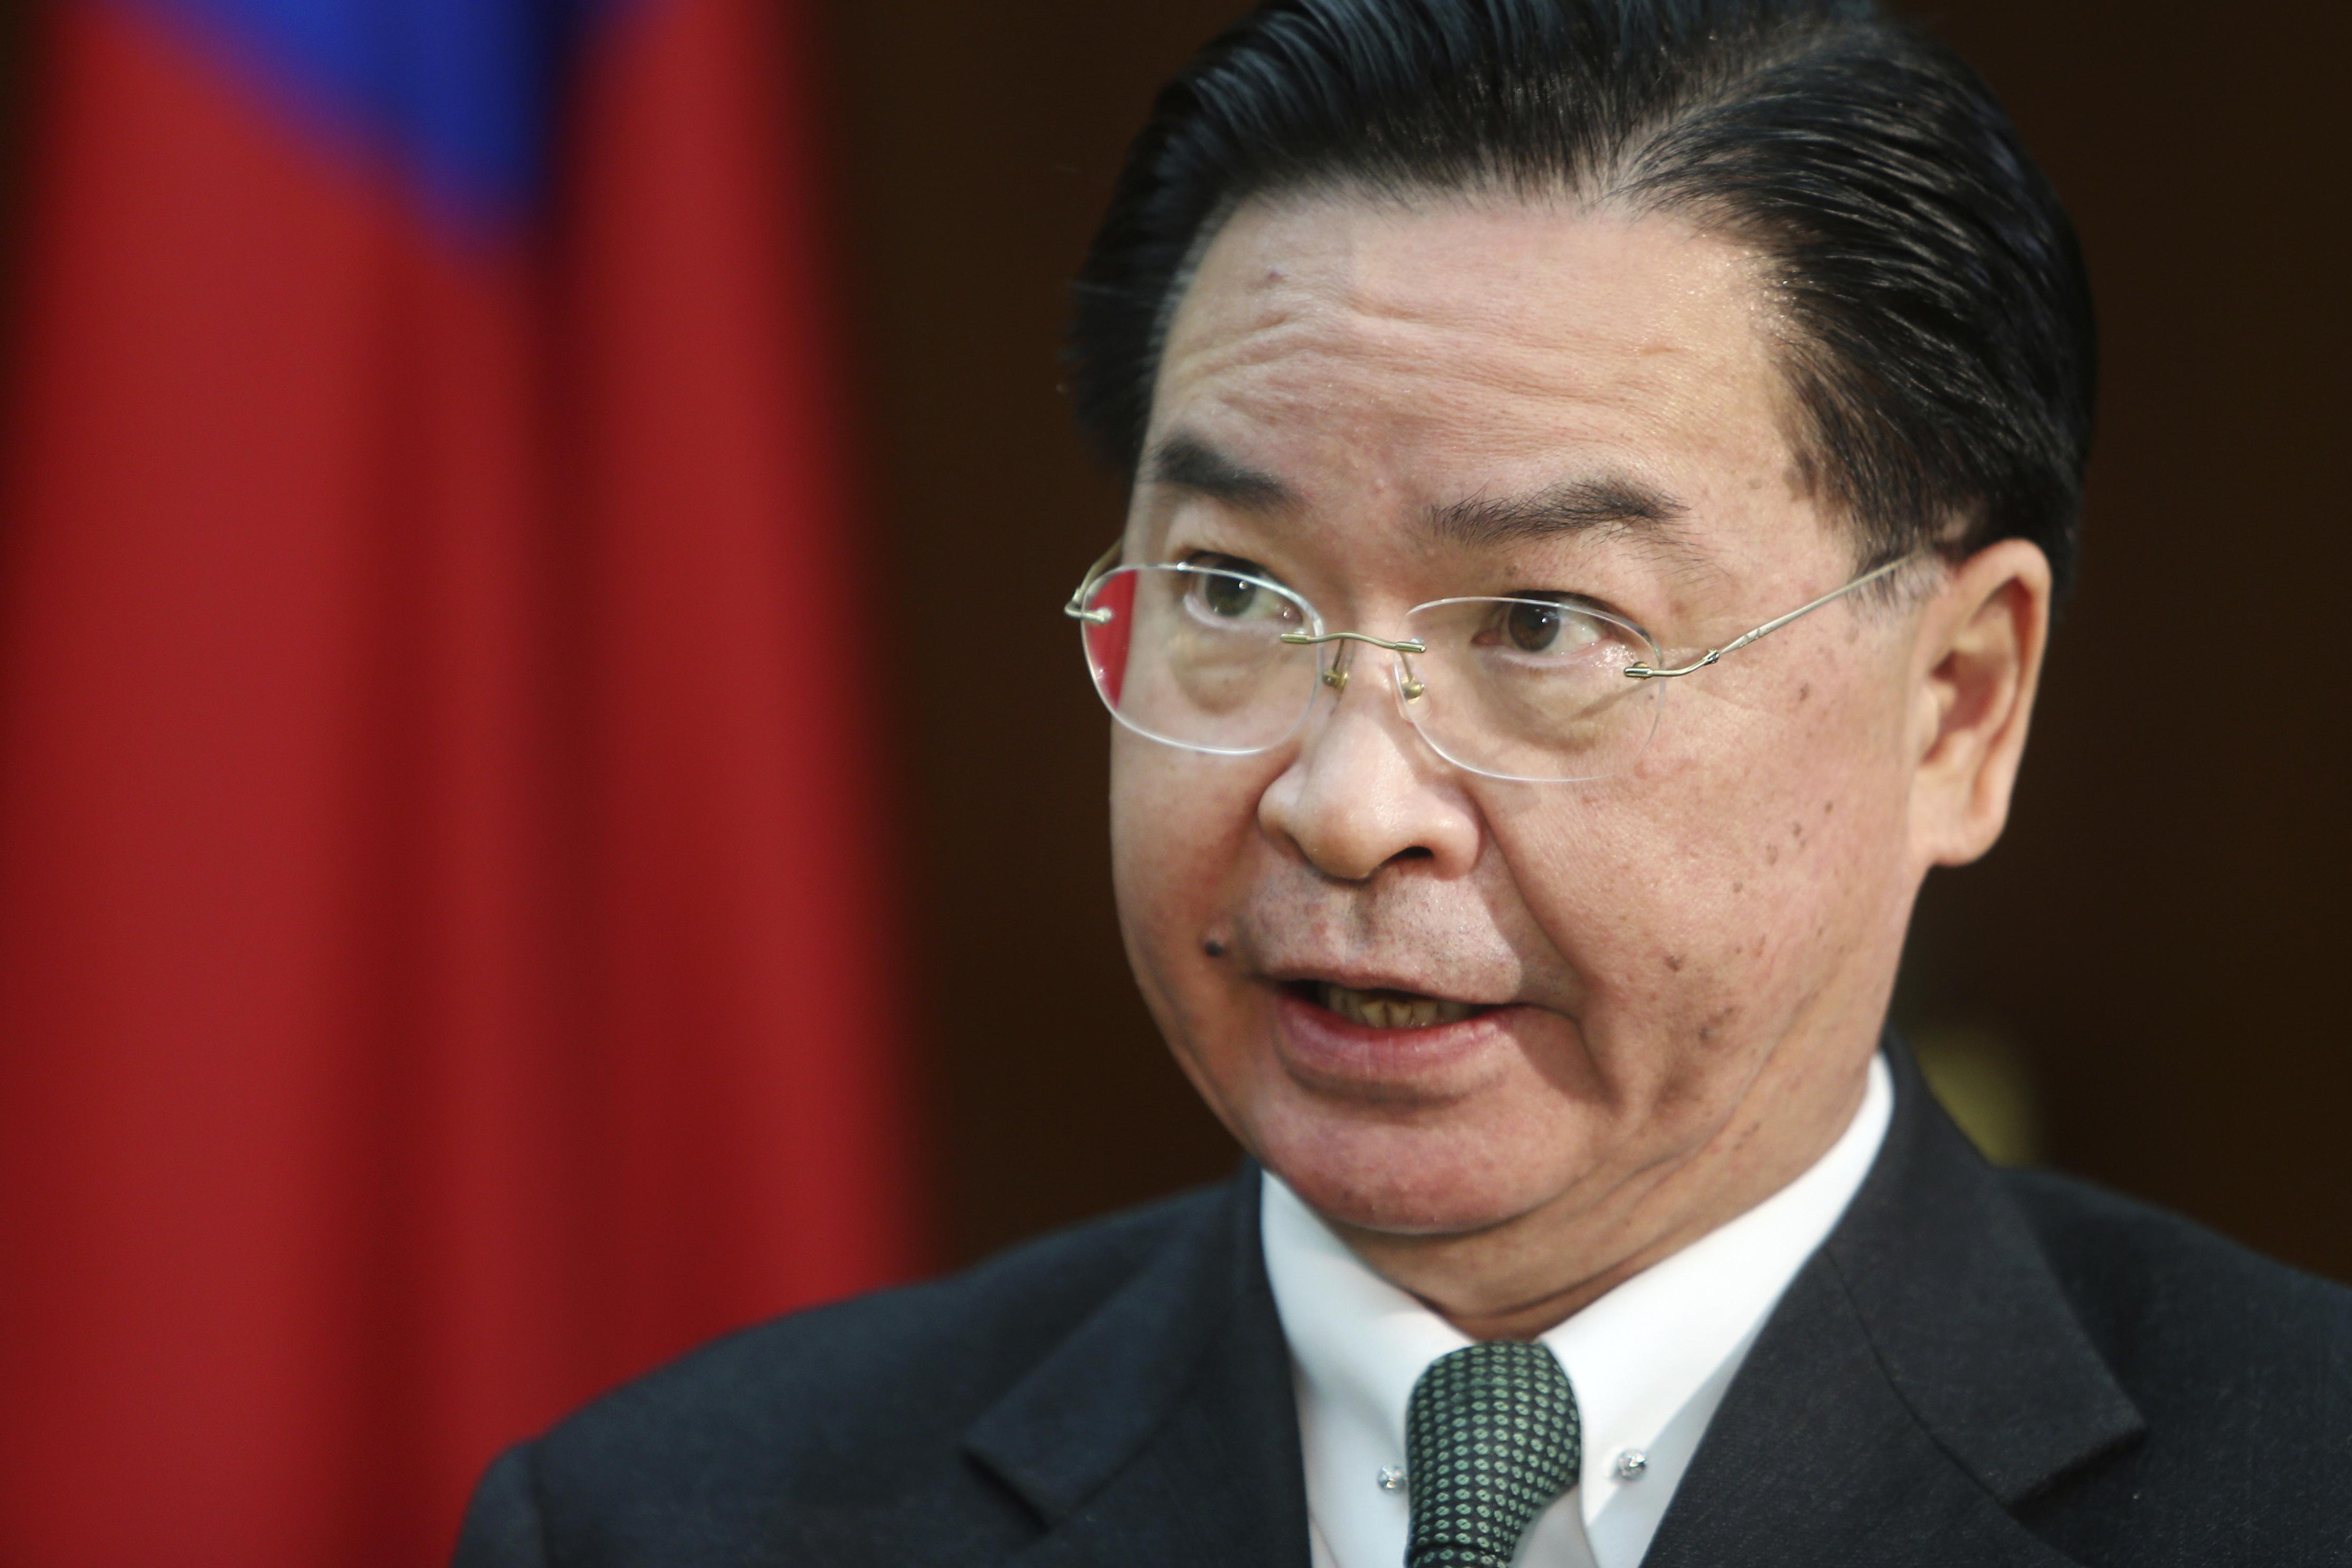 Taiwan may help if Hong Kong violence expands